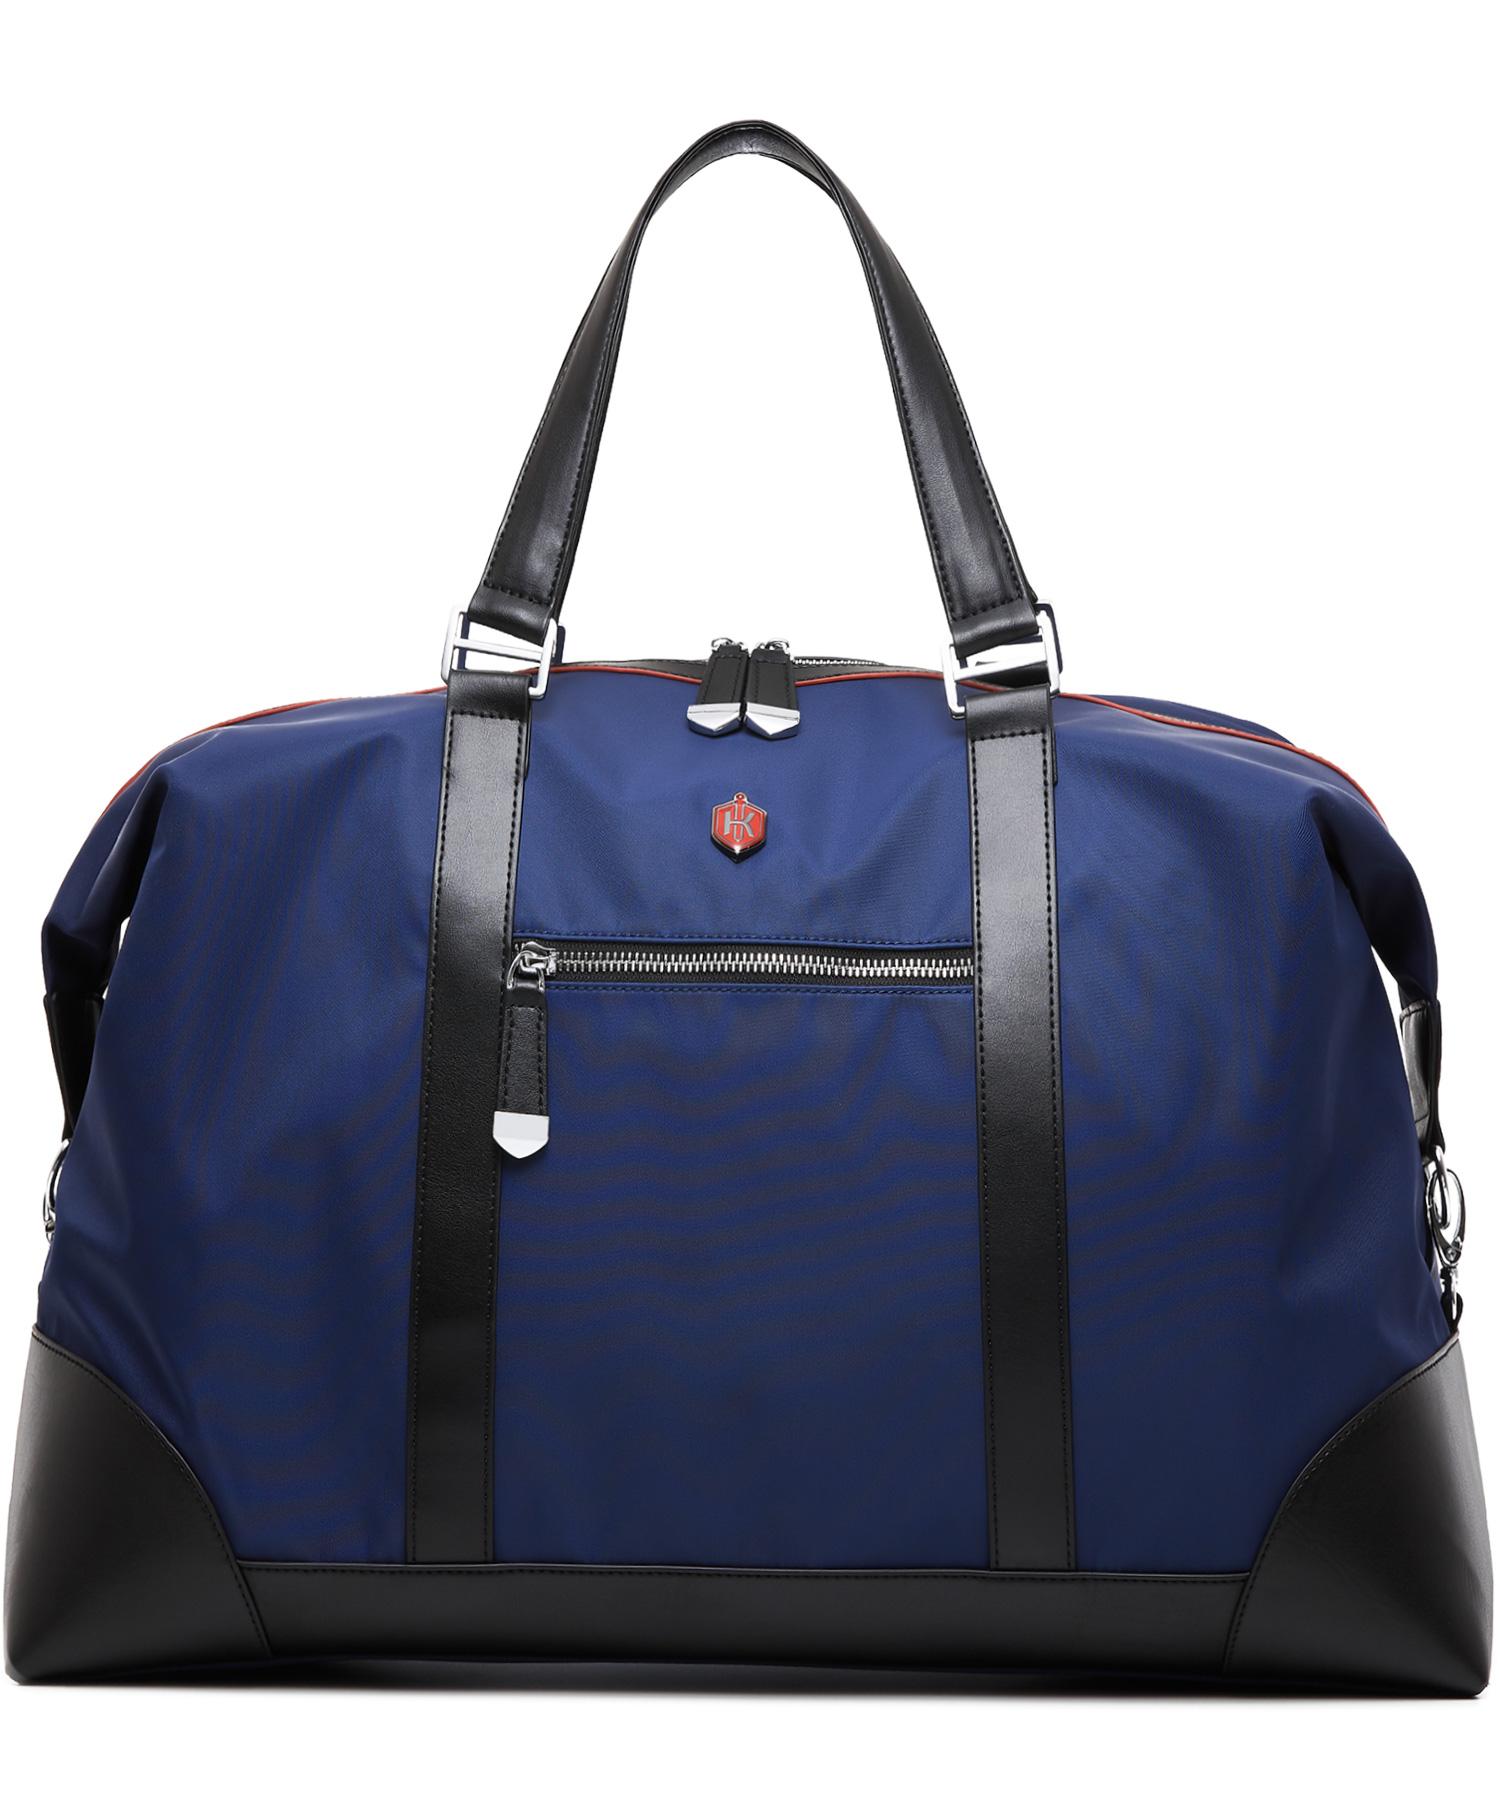 krimcode business duffel bag front